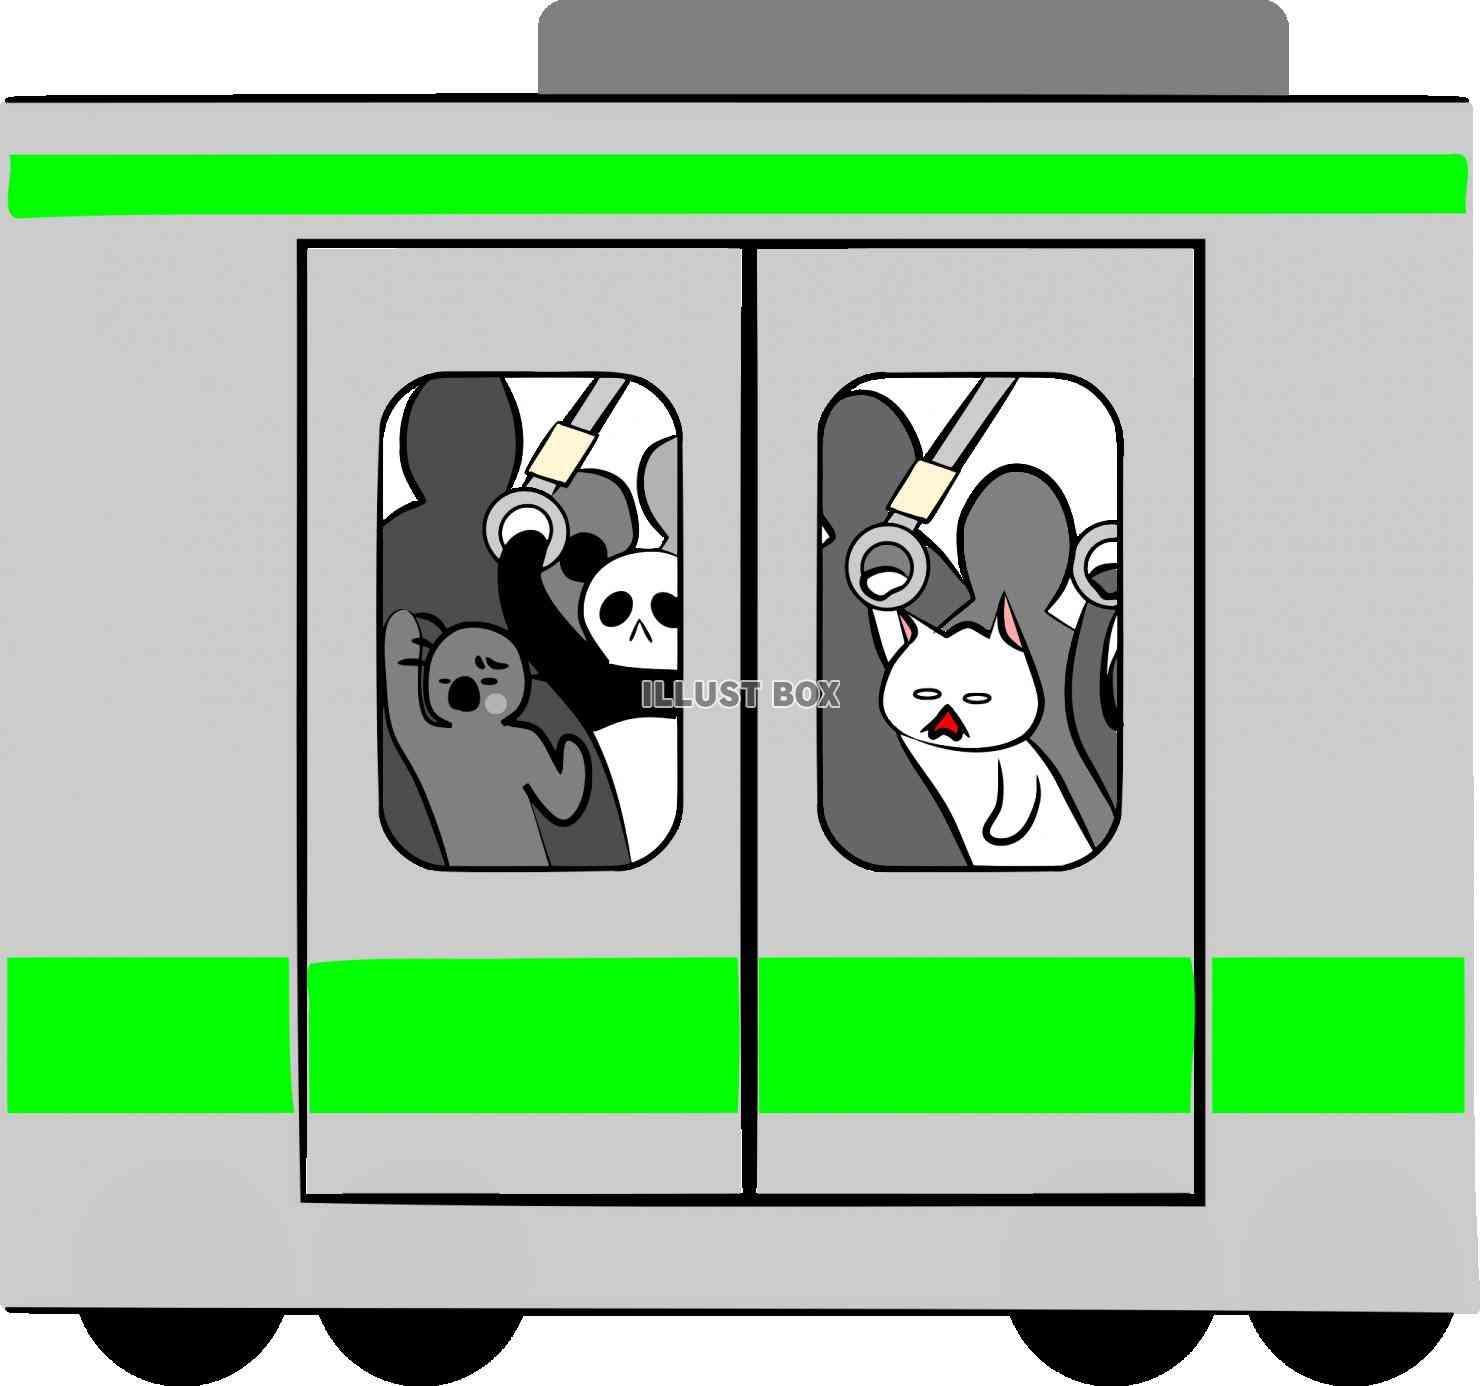 満員電車あるある